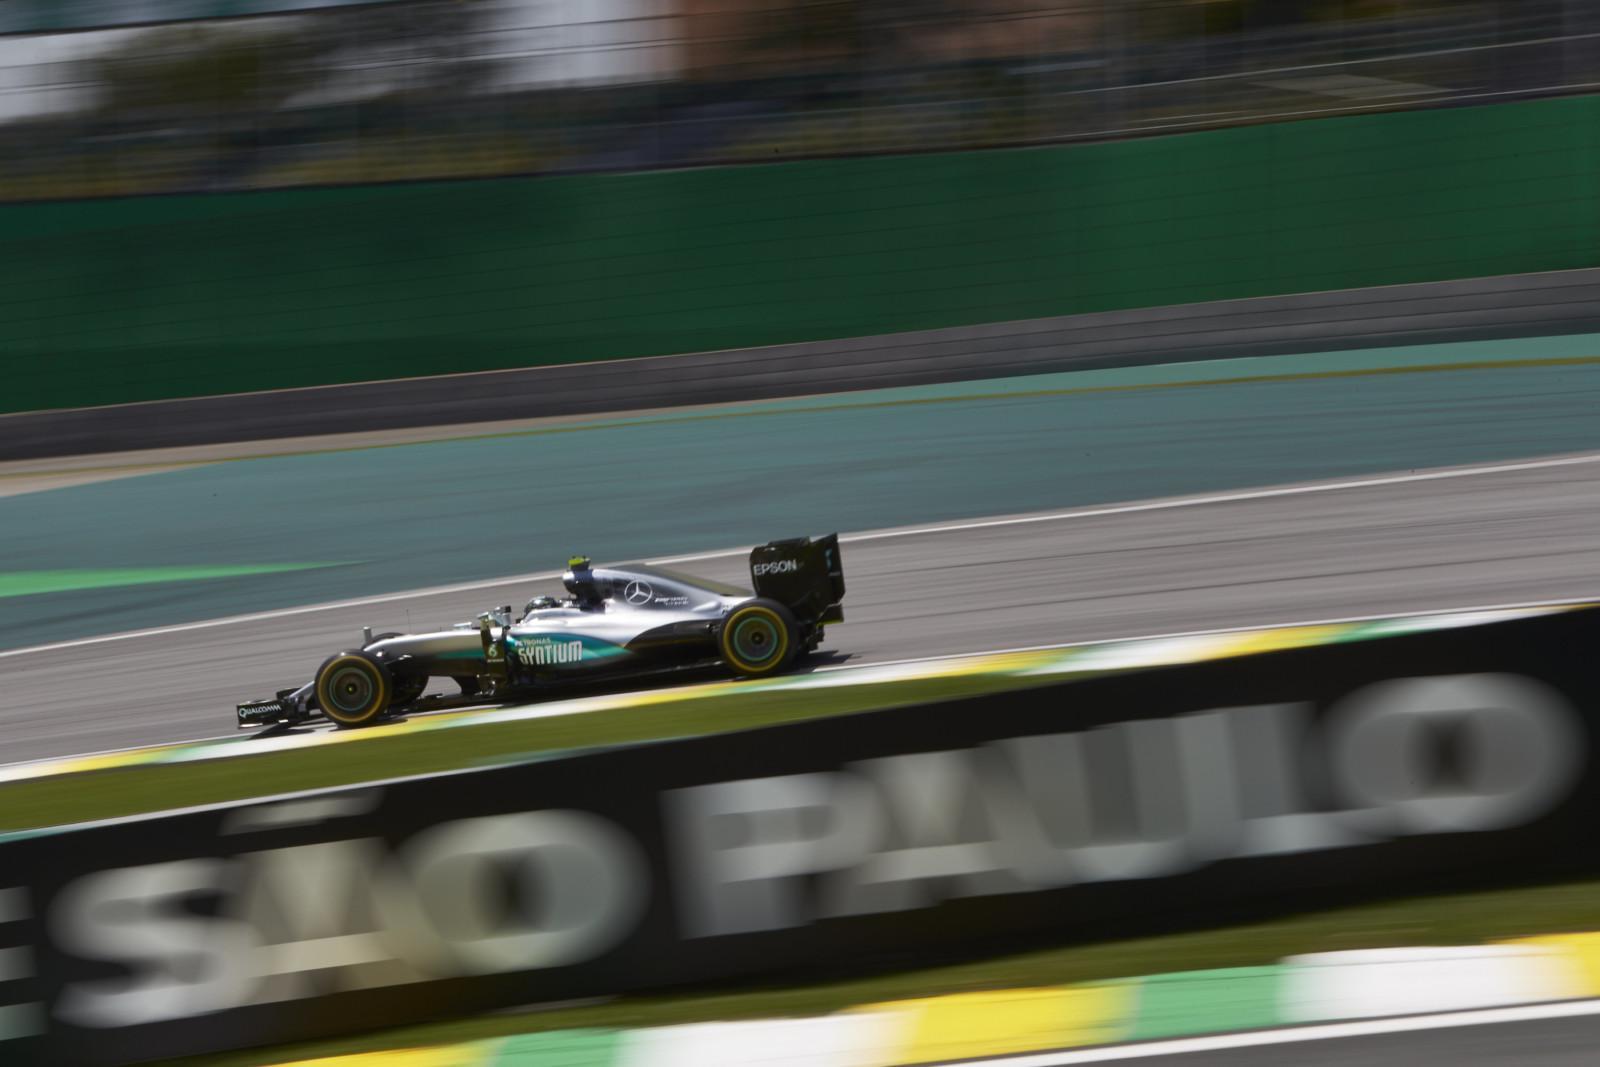 F1 - GP du Brésil - Essais libres 3 : Rosberg reprend la main